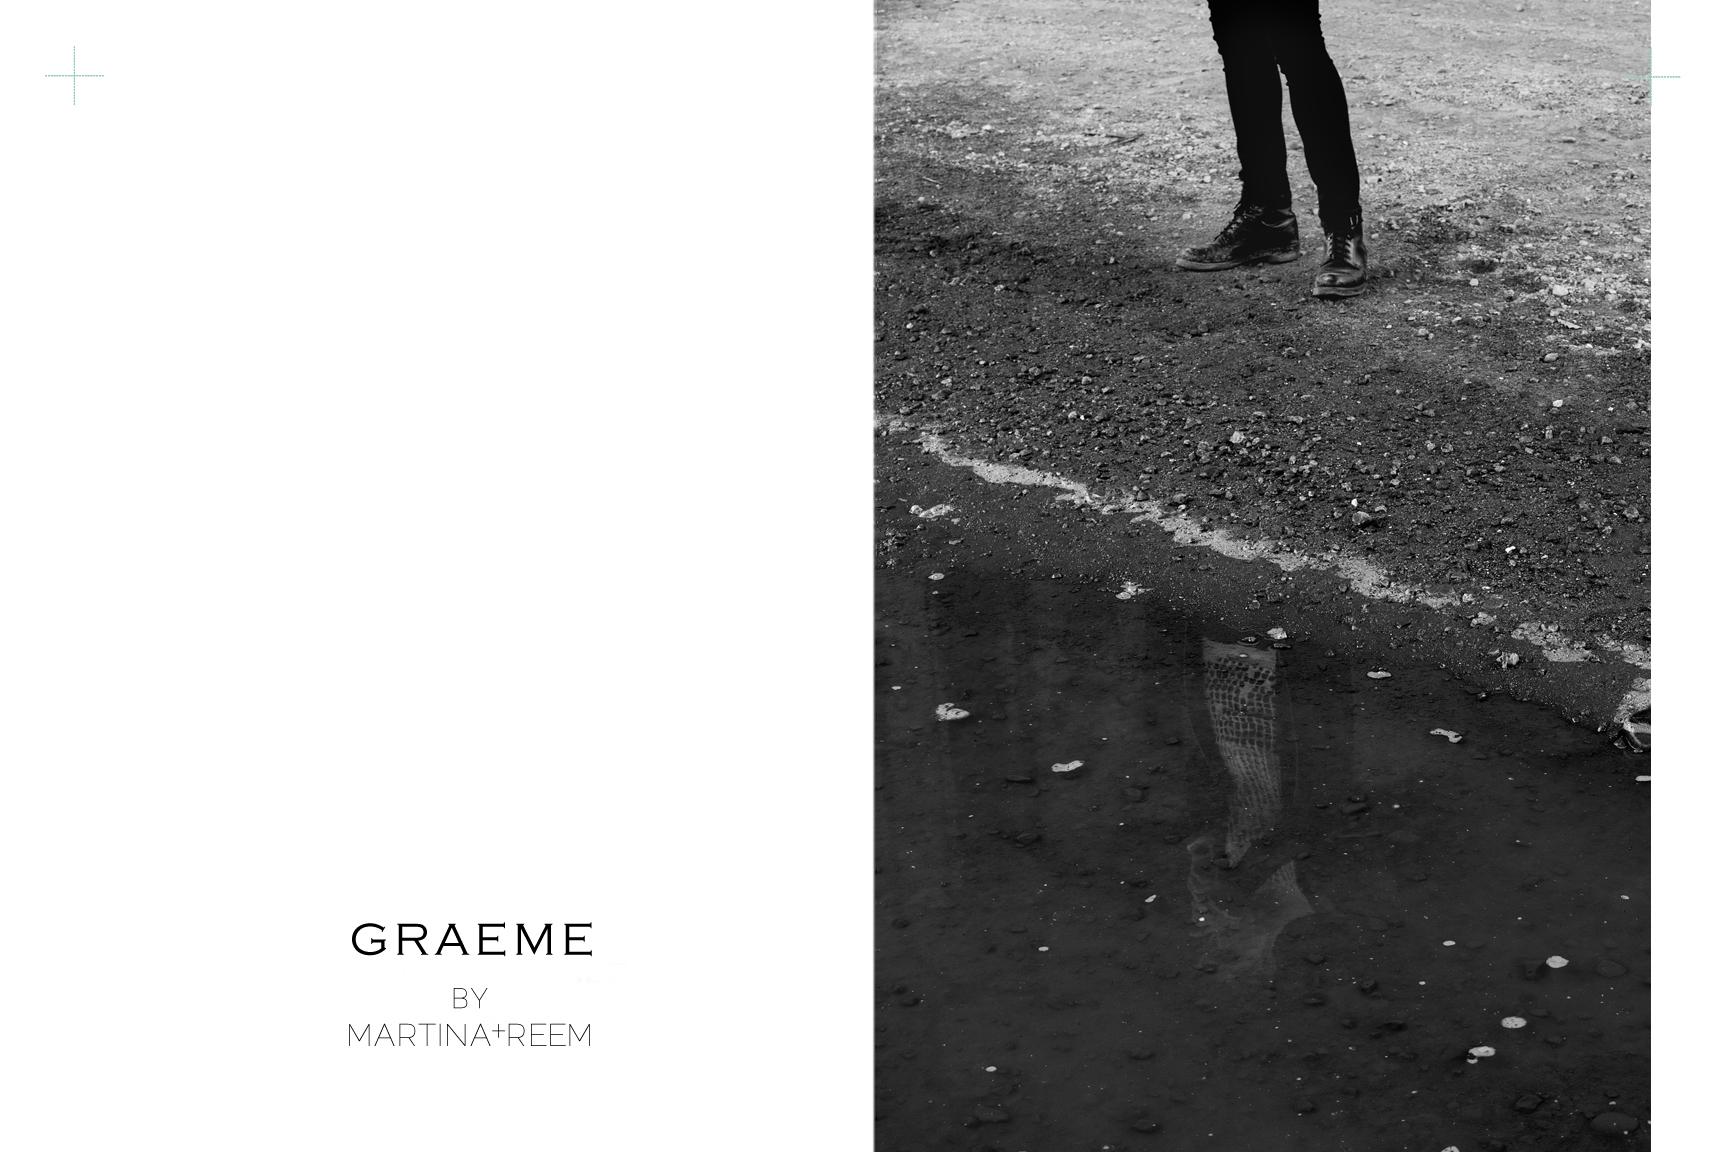 M+R_Graeme_001.jpg